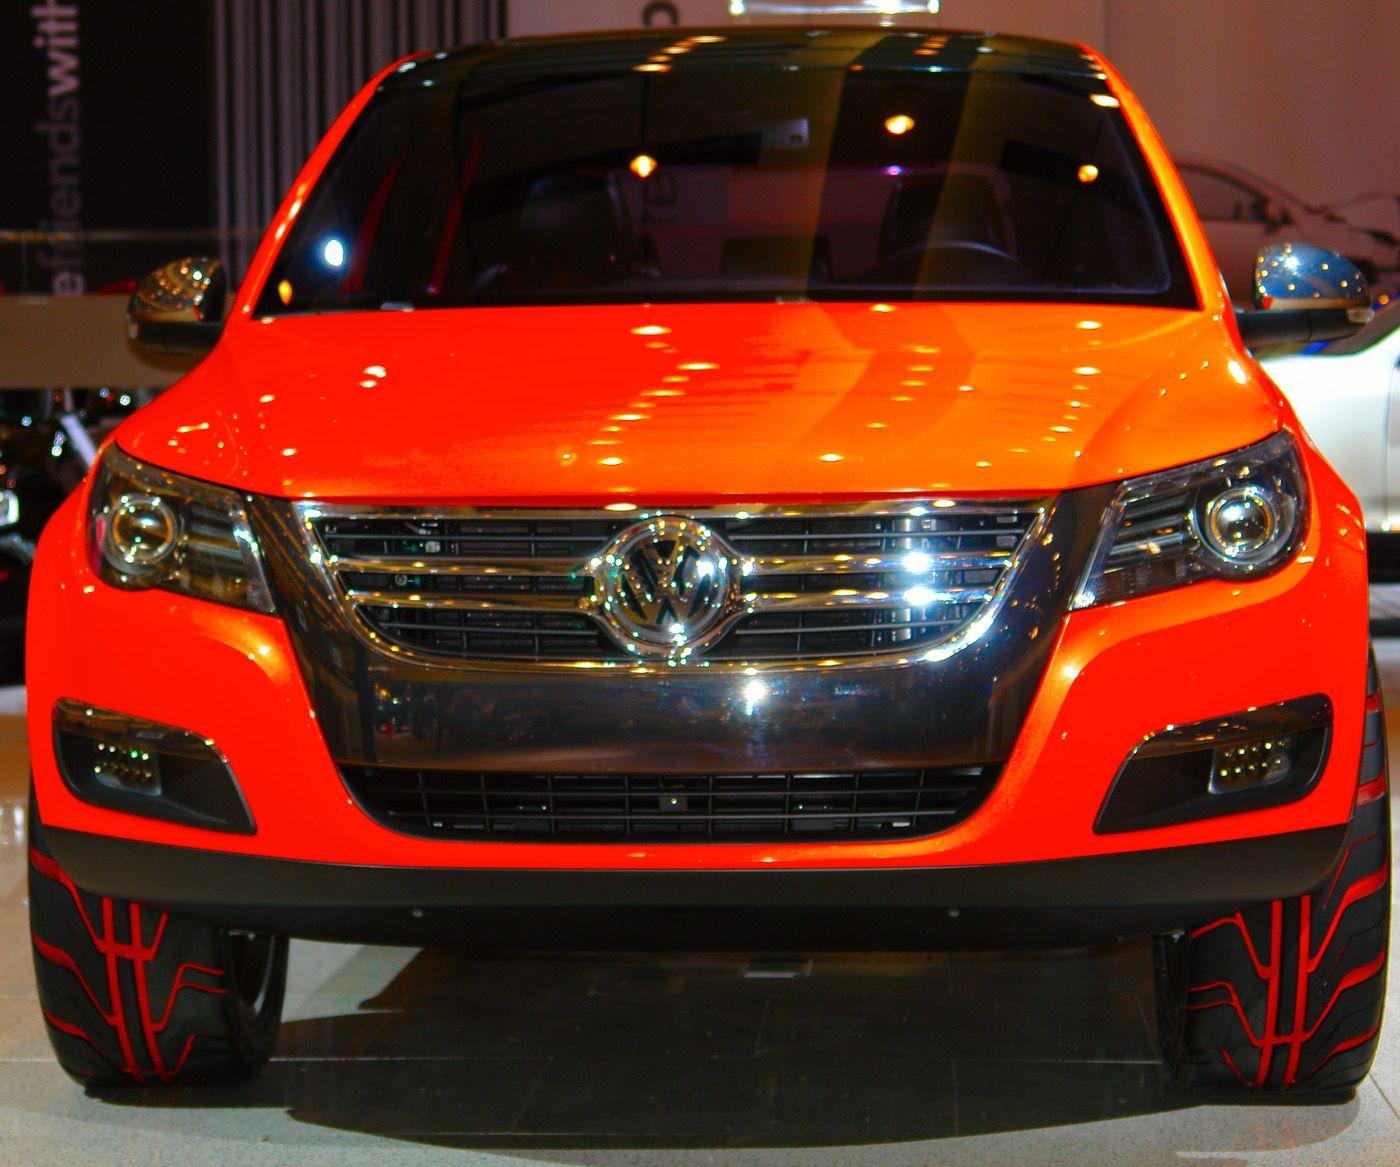 Volkswagen Tiguan Volkswagen, Used cars, Car review